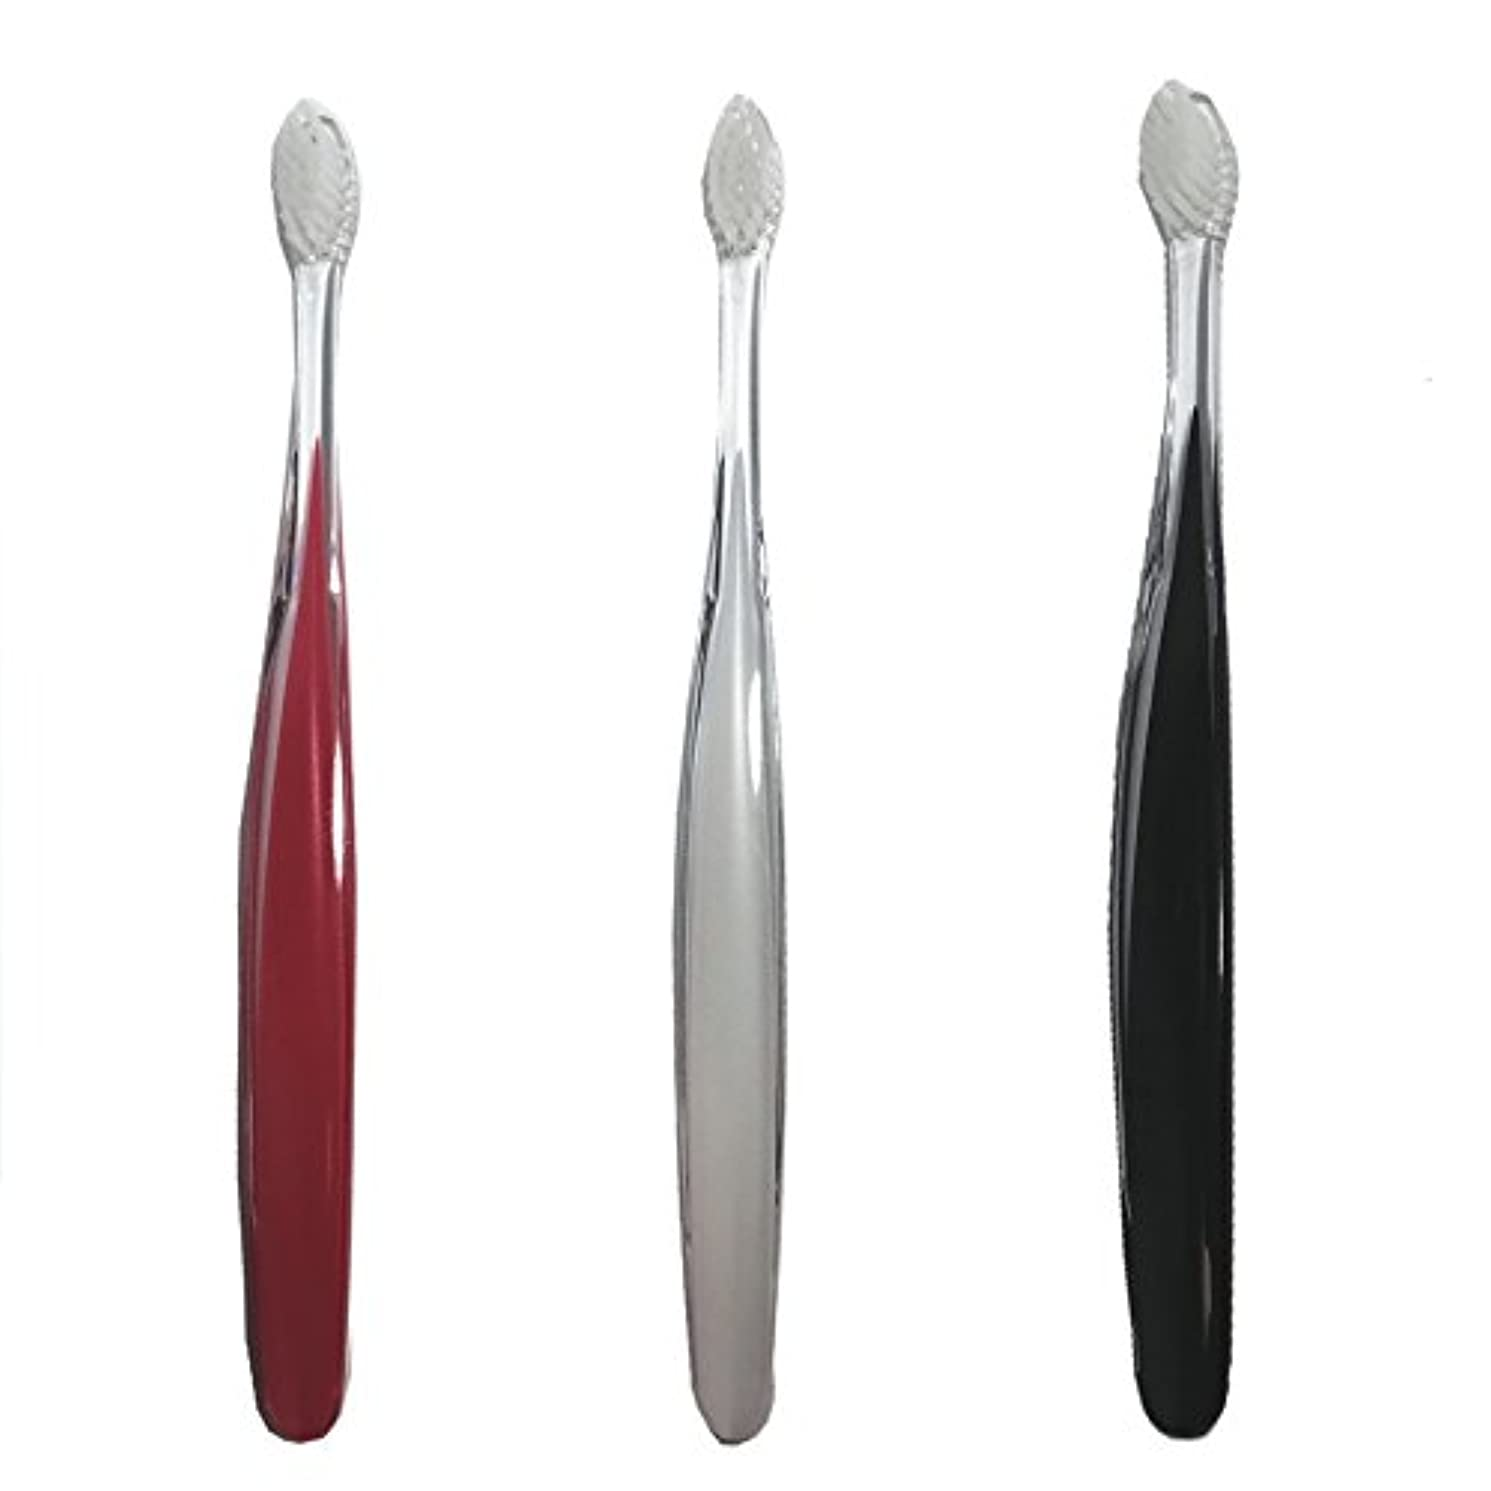 落胆するディレクトリ集団的サムライ(SAMRAI)歯ブラシ ふつう 3色セット